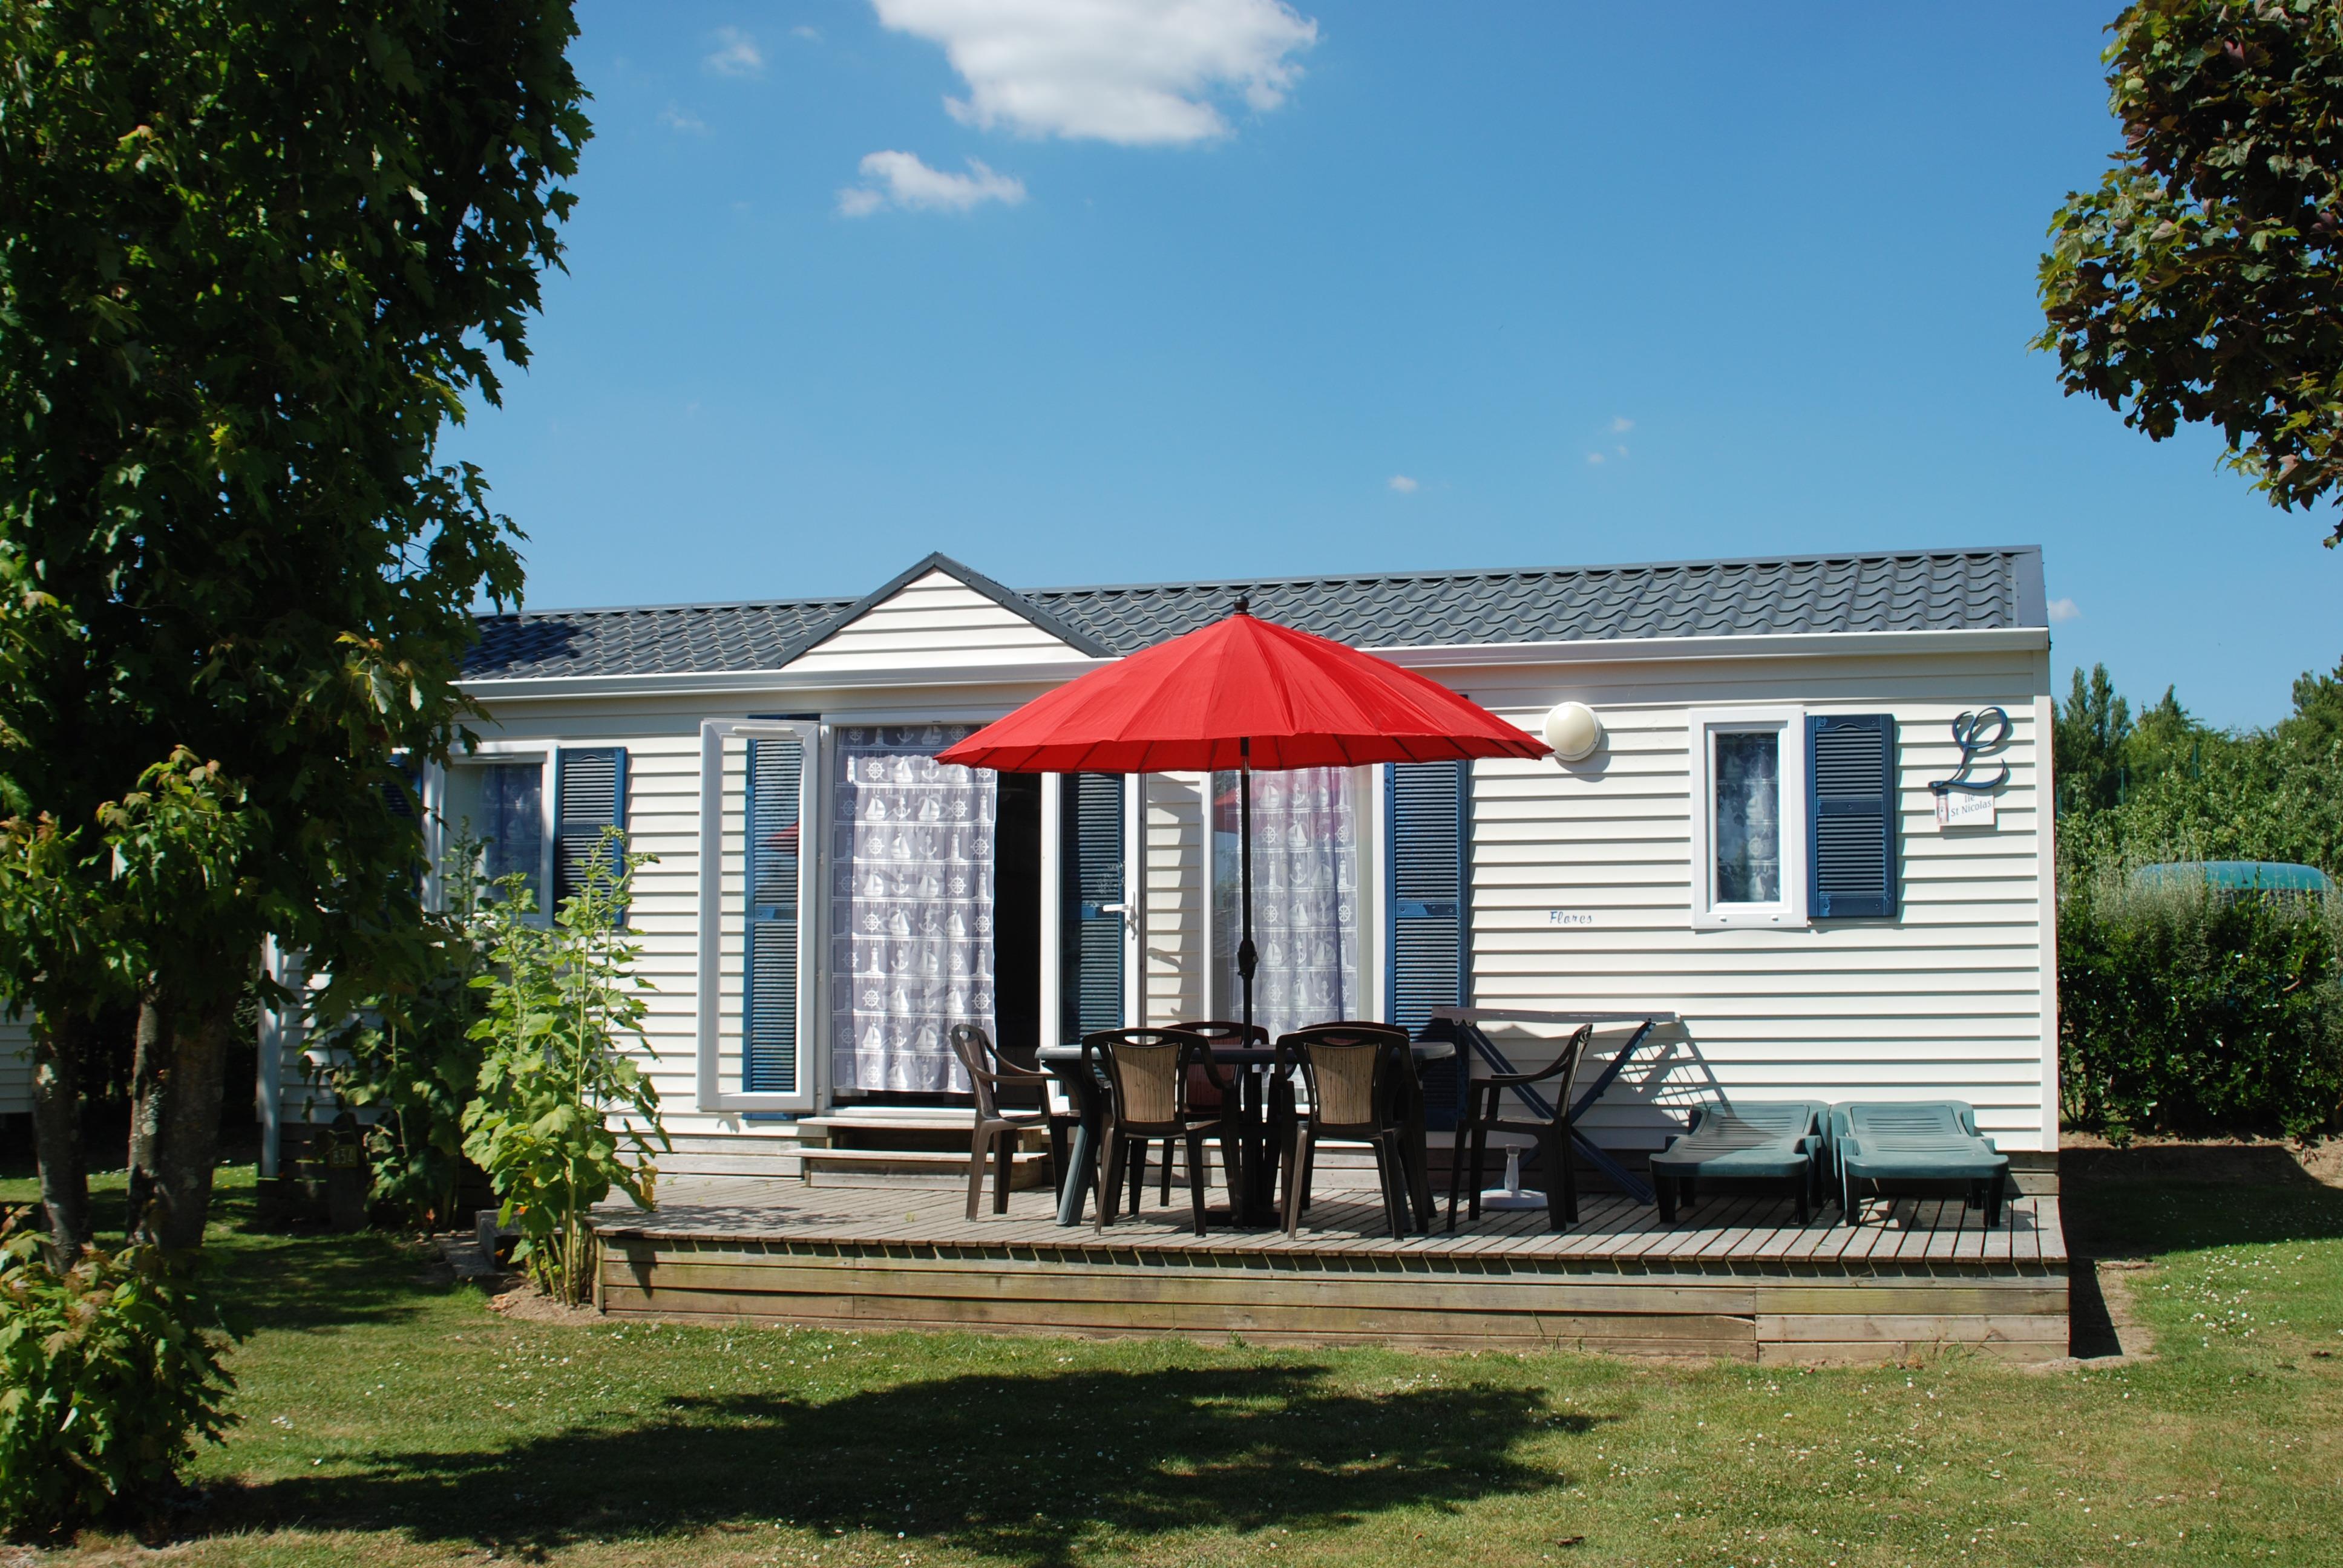 Location - L-Cottage Nautique Terrasse - Camping Les Embruns